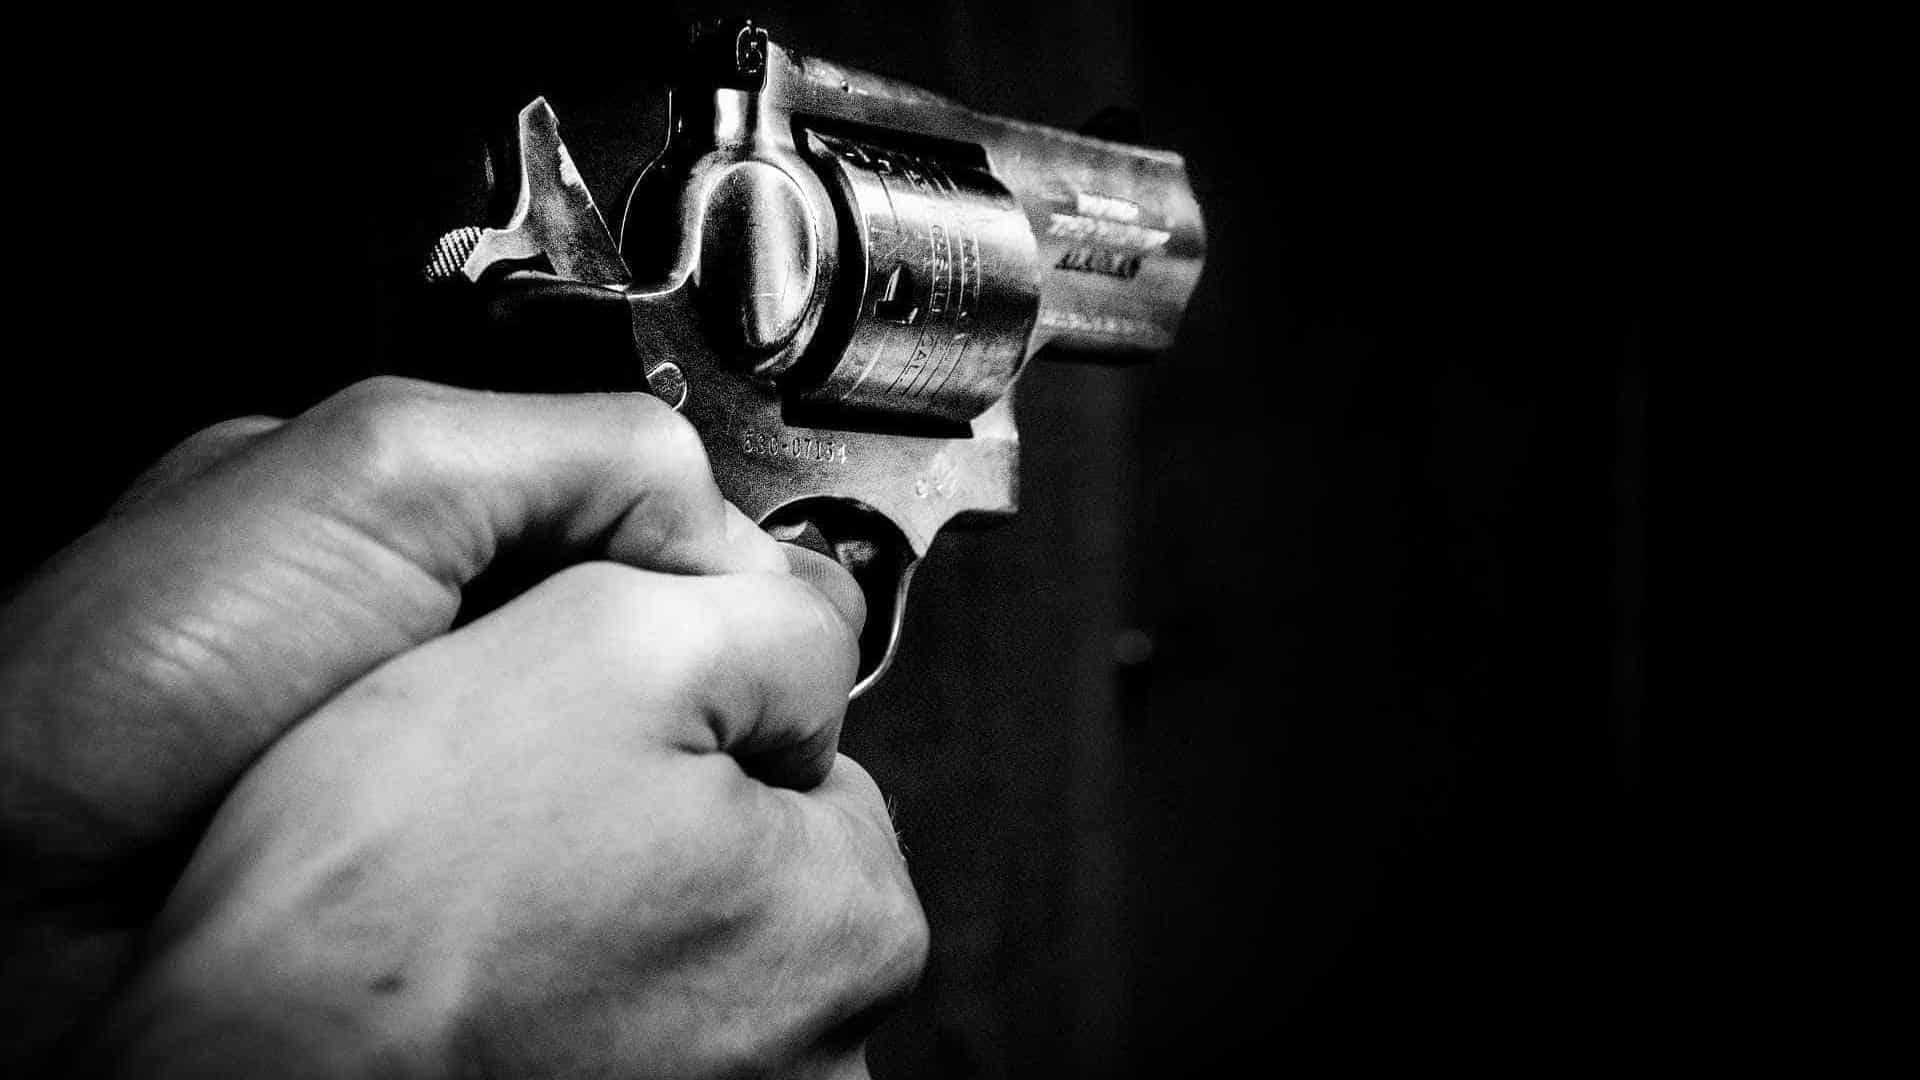 Casal sobrevive após ser atingido por sete tiros em Manaus